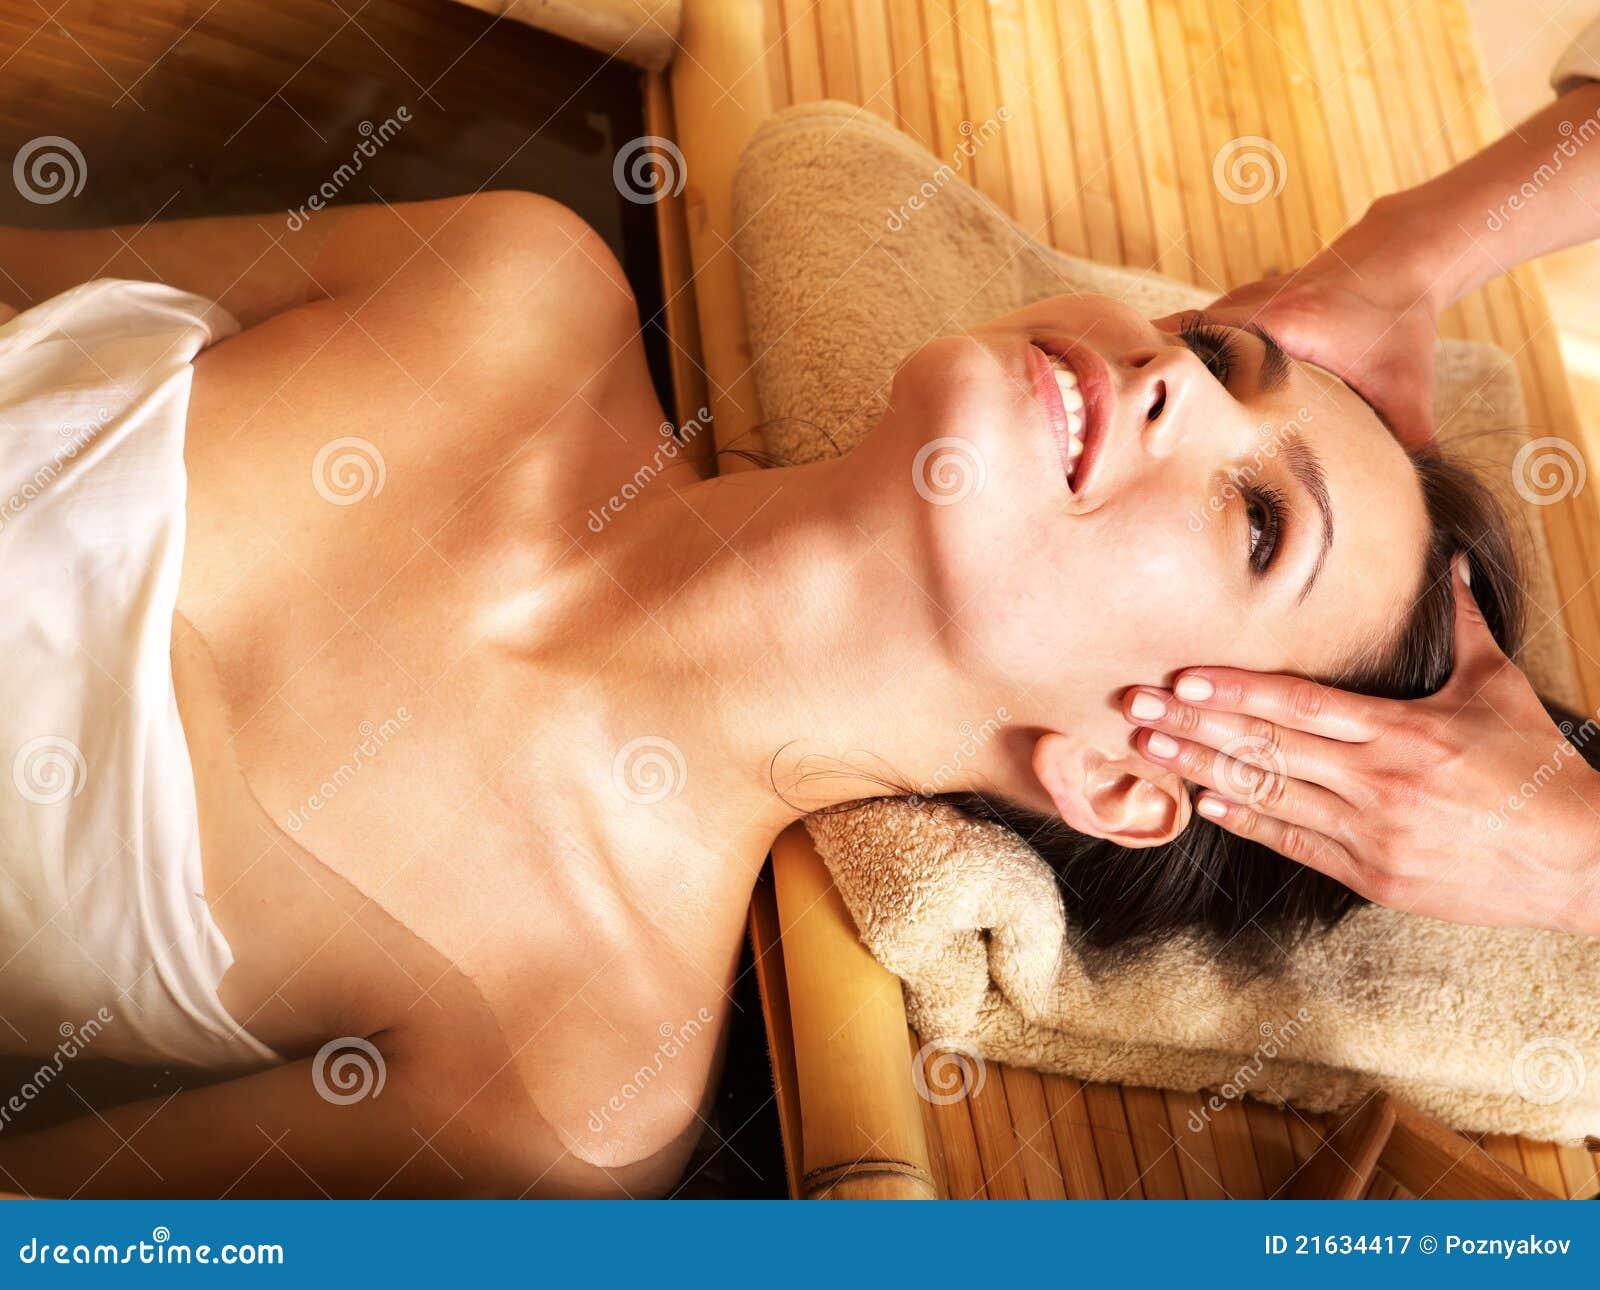 bamboo thai massage pornofilm gratis